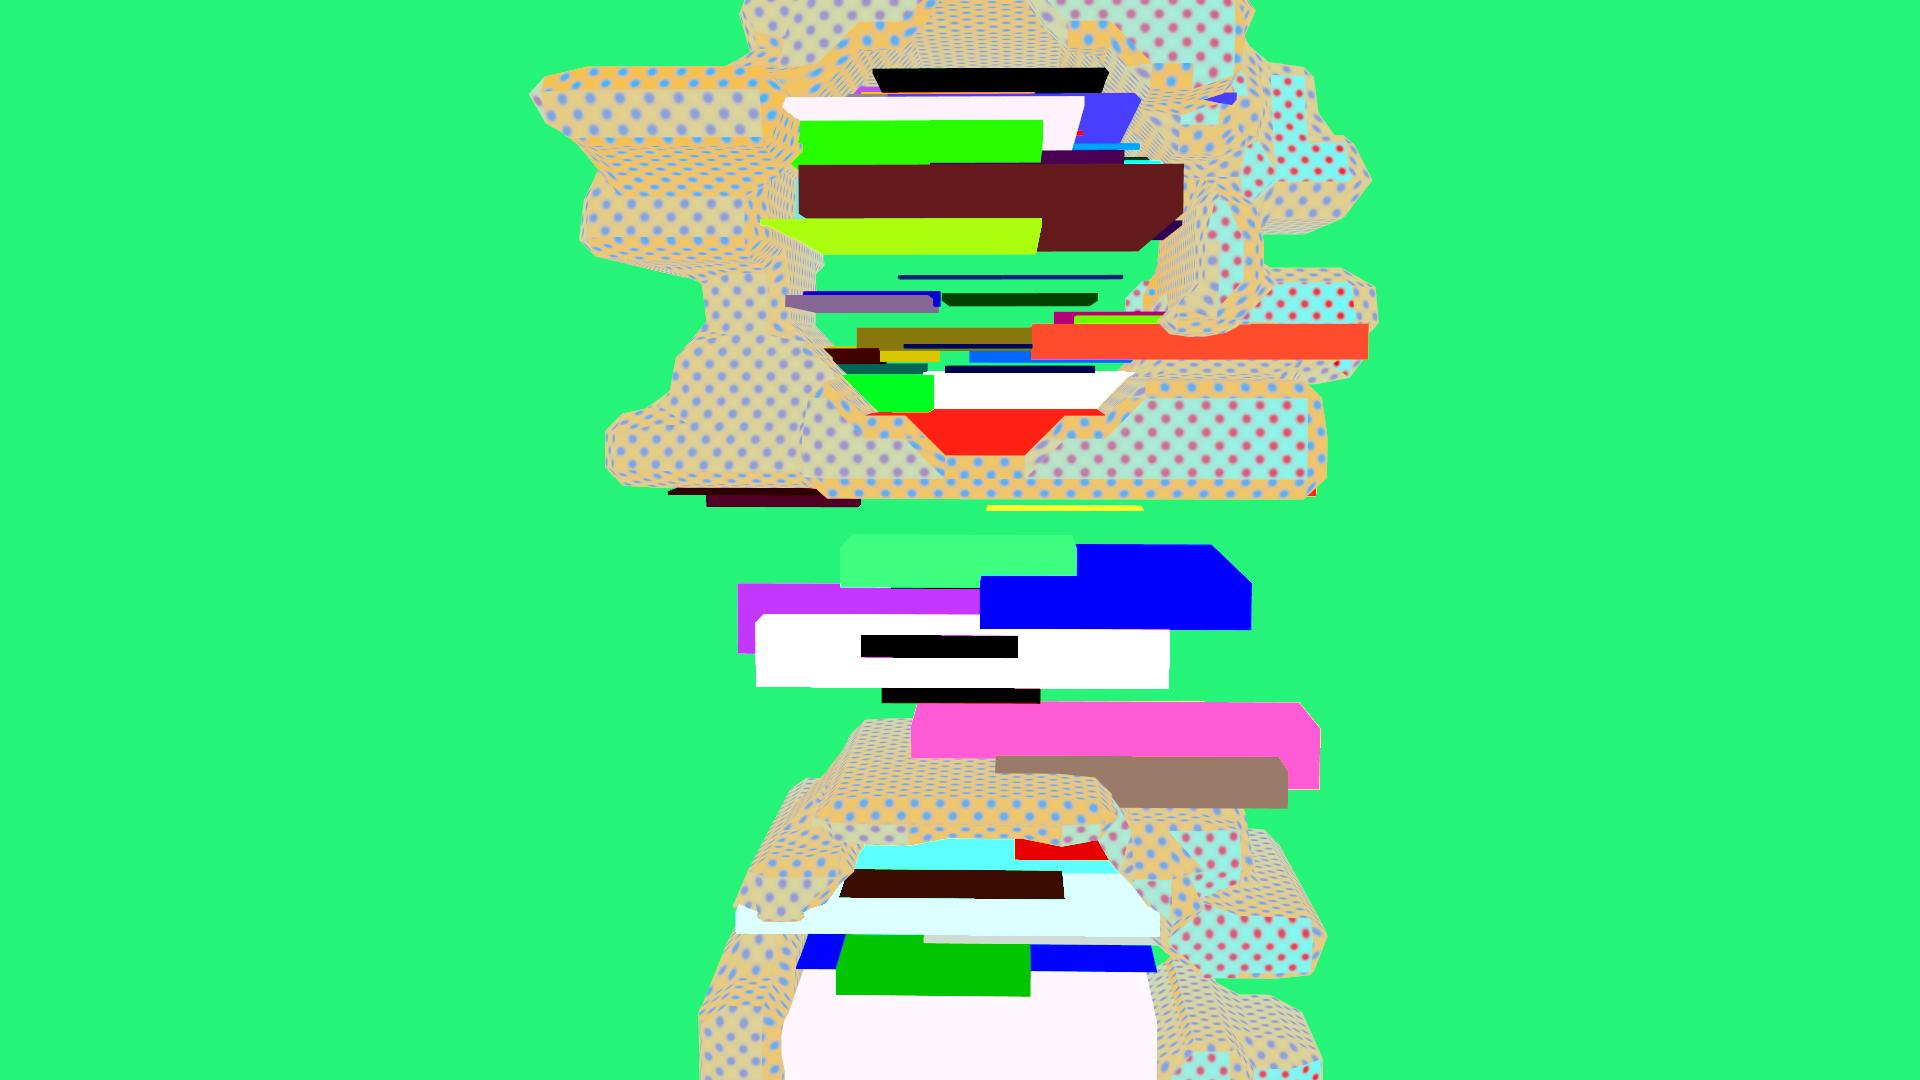 Short_Abstract_7.jpg